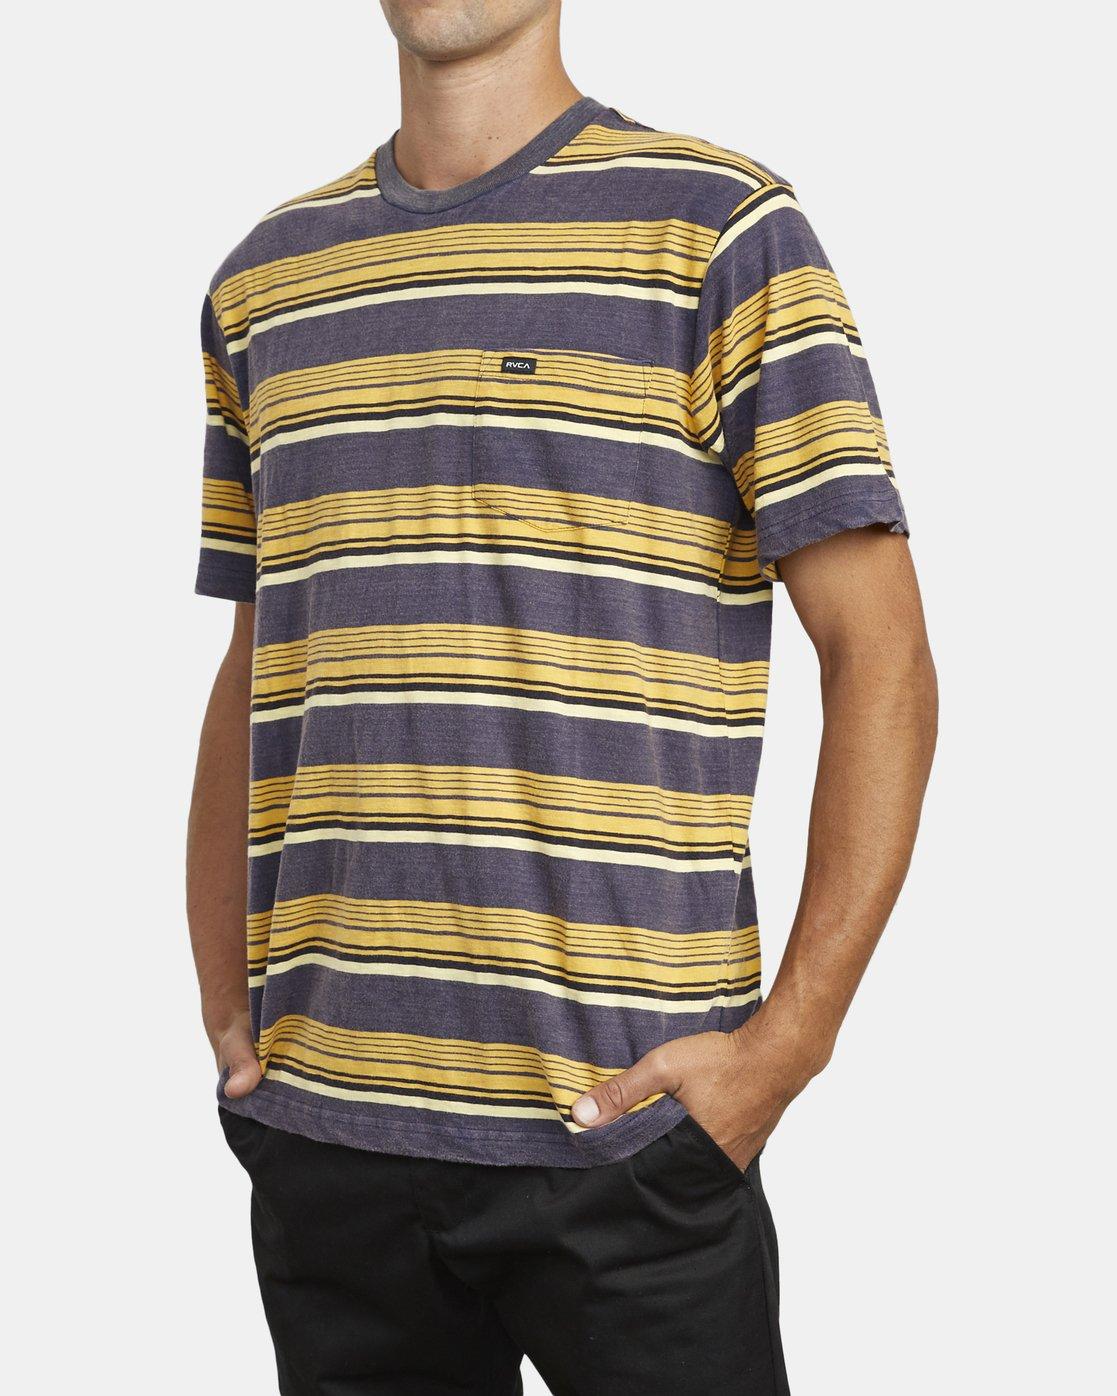 4 Ventura Stripe - Haut manches courtes pour Homme  U1KTRBRVF0 RVCA